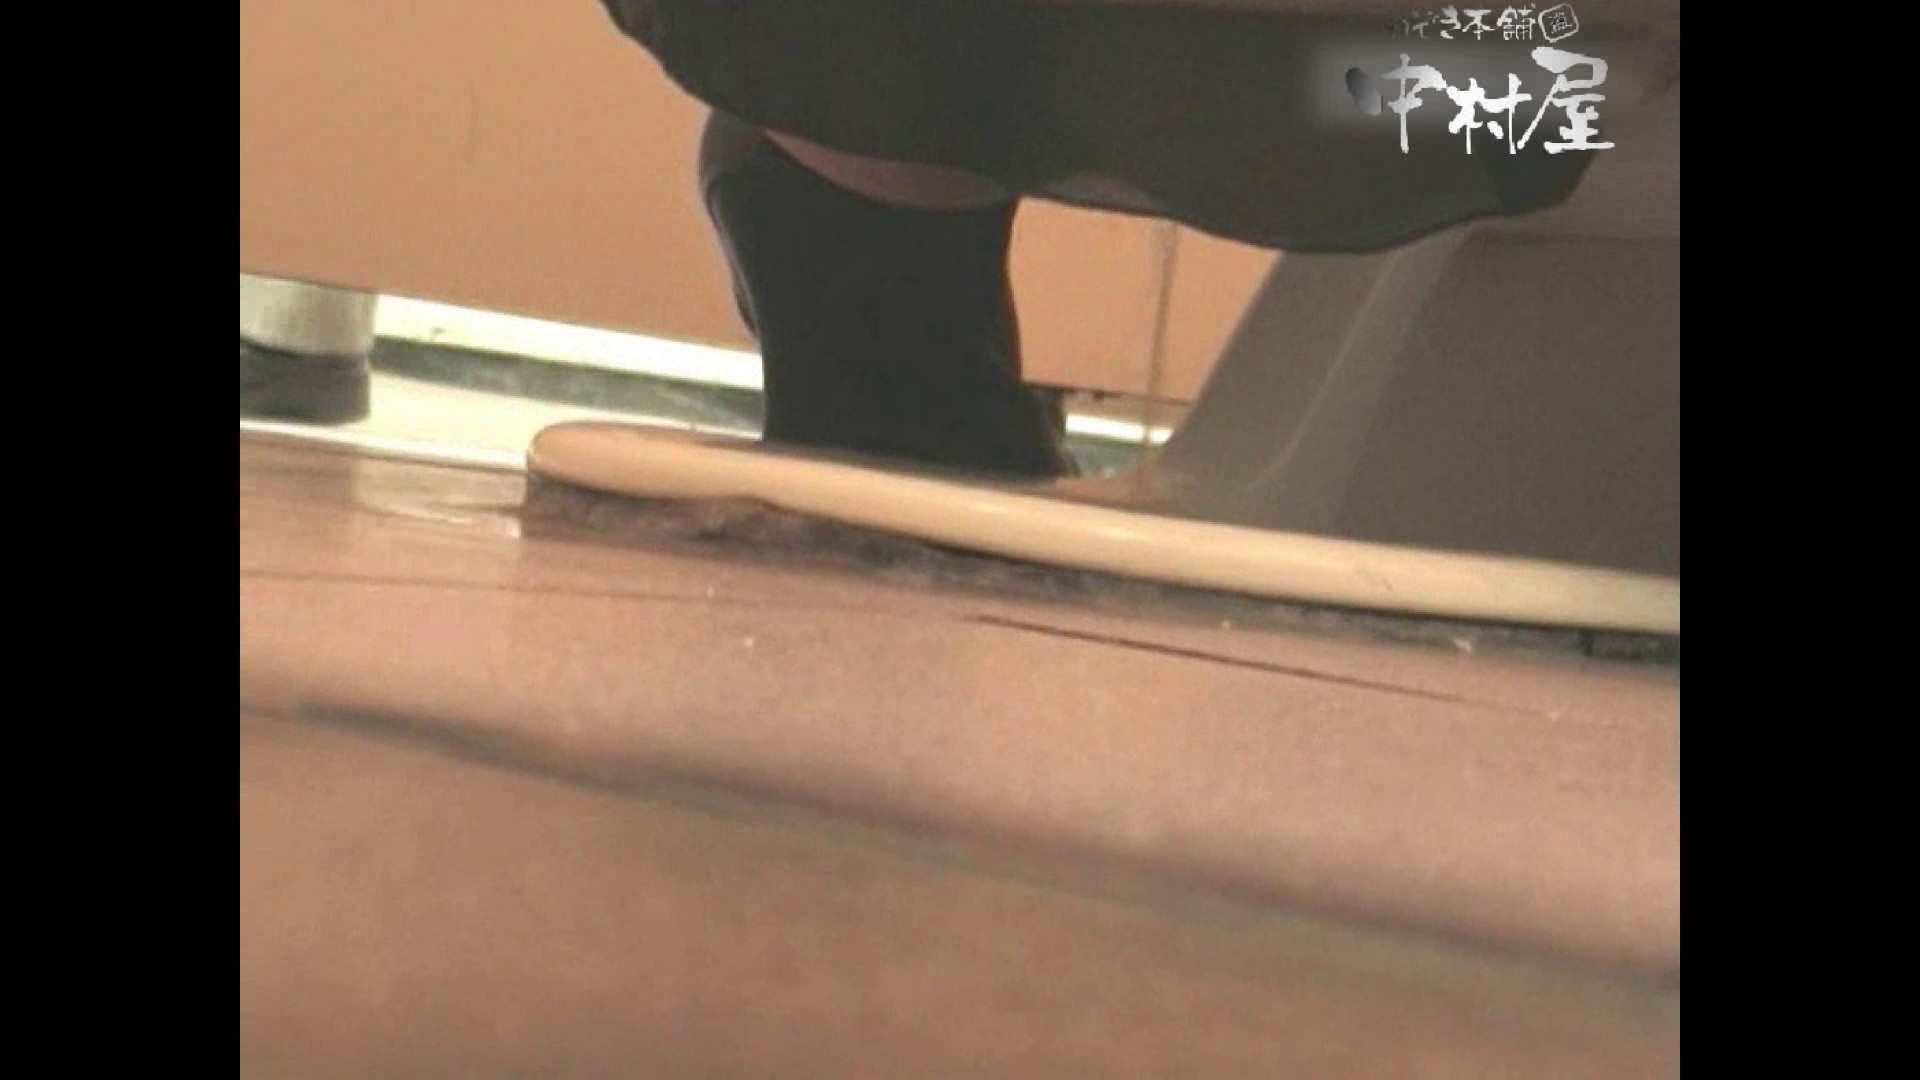 岩手県在住盗撮師盗撮記録vol.03 OLセックス 覗きぱこり動画紹介 99画像 65